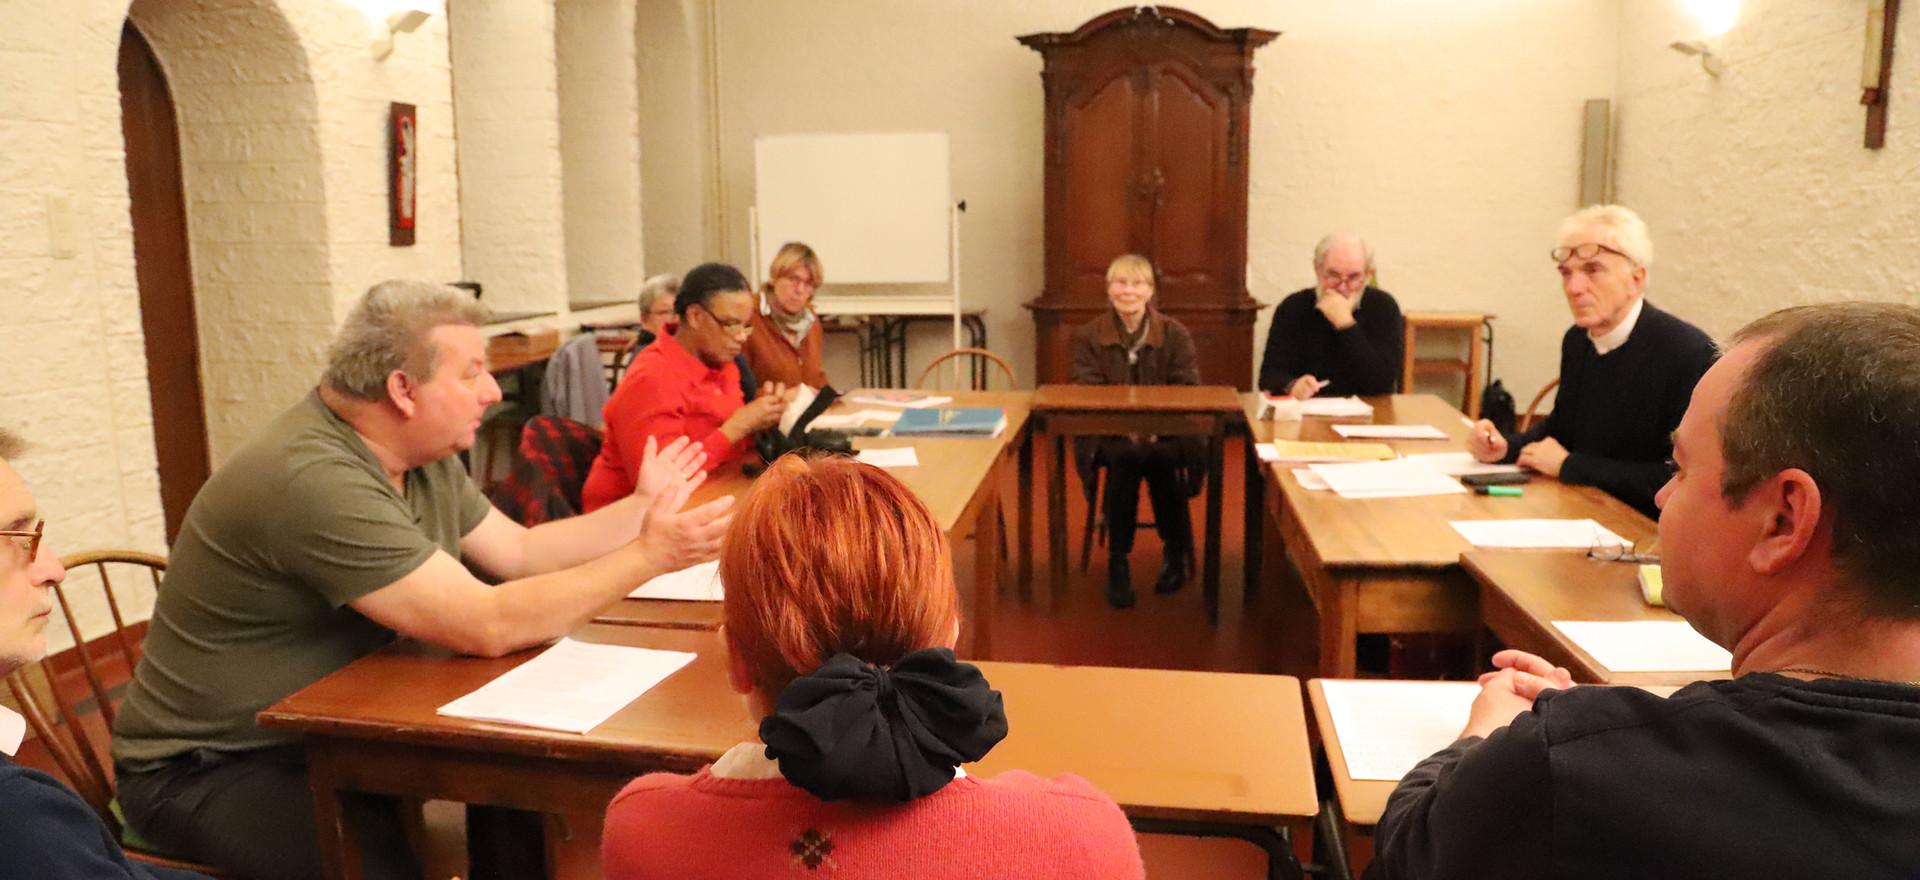 Rencontre au monastère ND d'Hurtebise en Belgique (2)